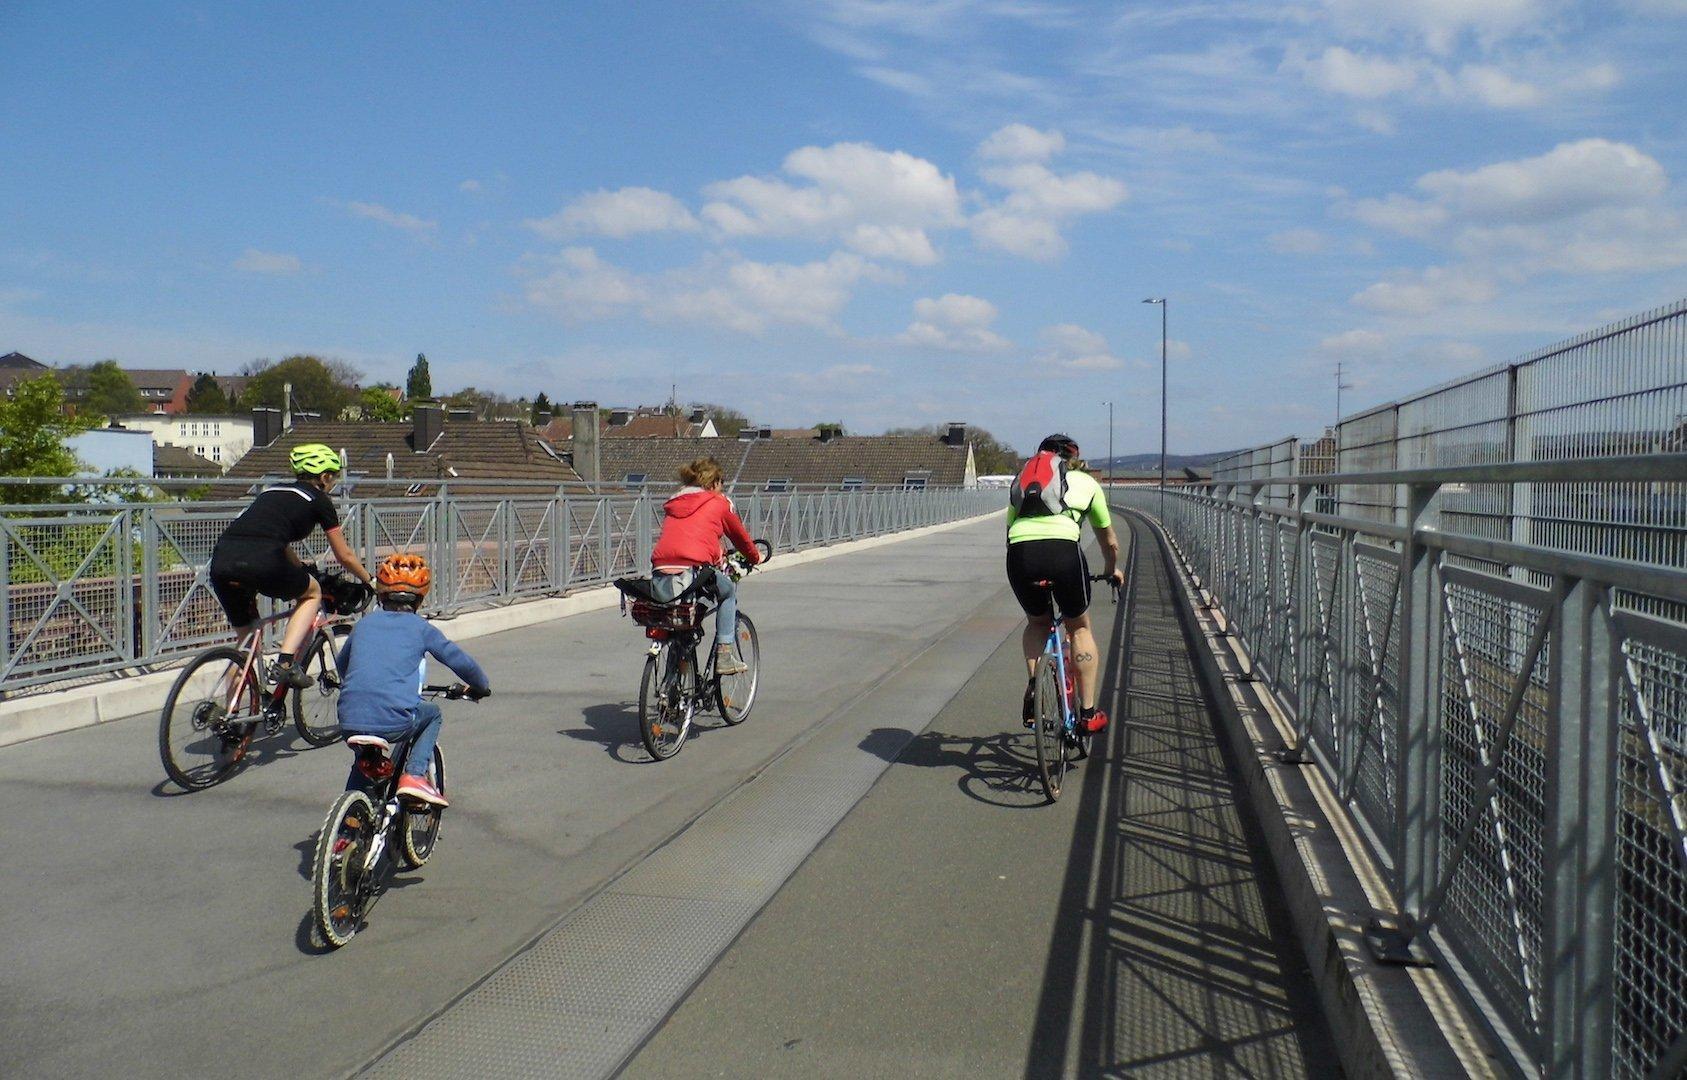 Vier junge Personen fahren unter blauem Himmel mit ihrem Rad über die Brücke.